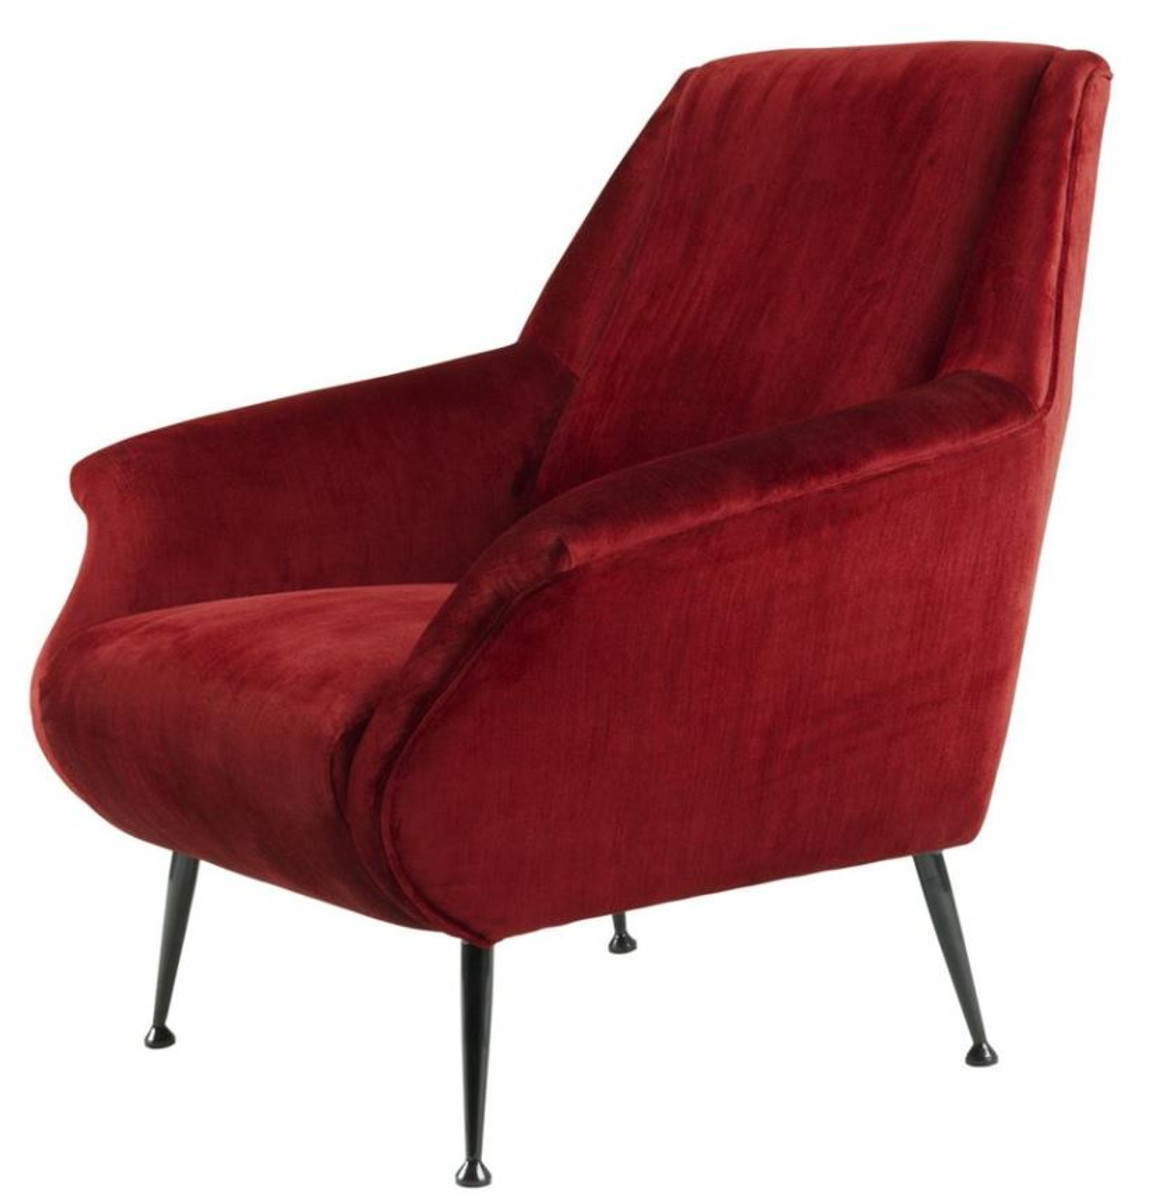 Casa padrino luxus sessel rot 88 x 80 x h 91 cm for Luxus designer sessel